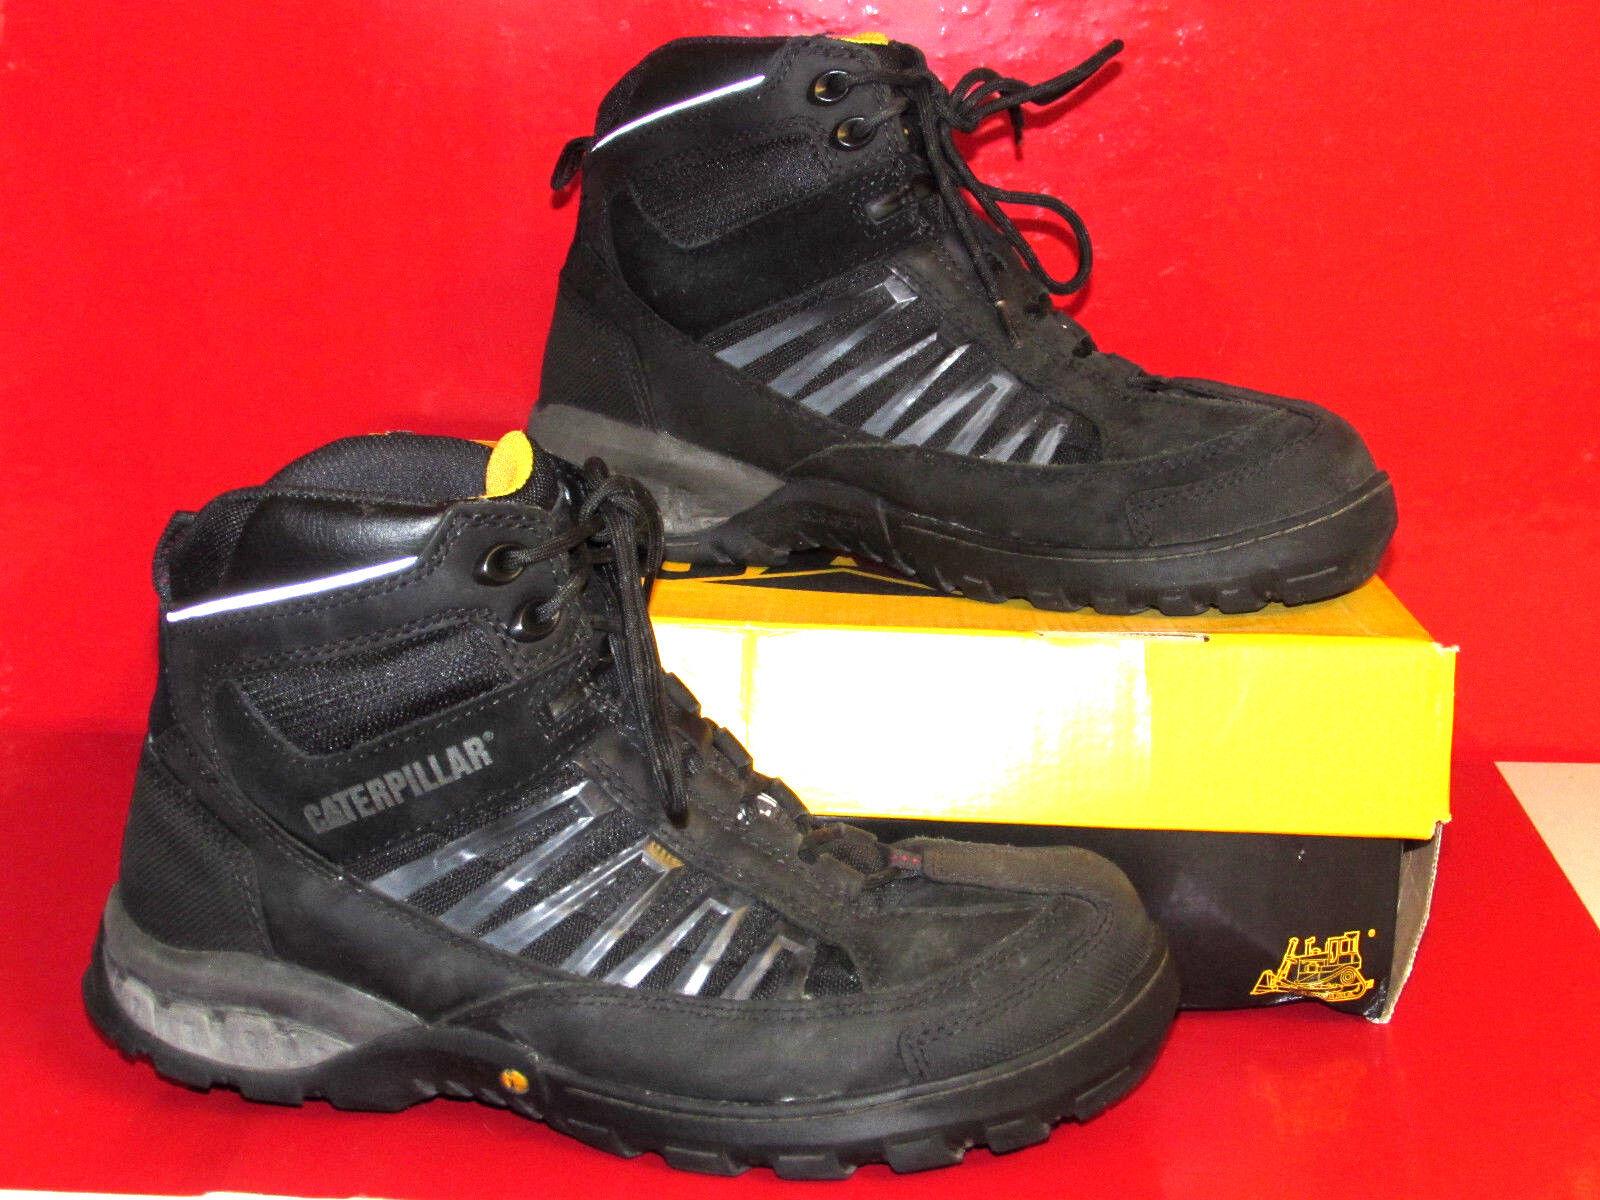 Cat Footwear Kaufman Hi S1p EU42 Herren Sicherheitsschuhe EU42 S1p 627dcc